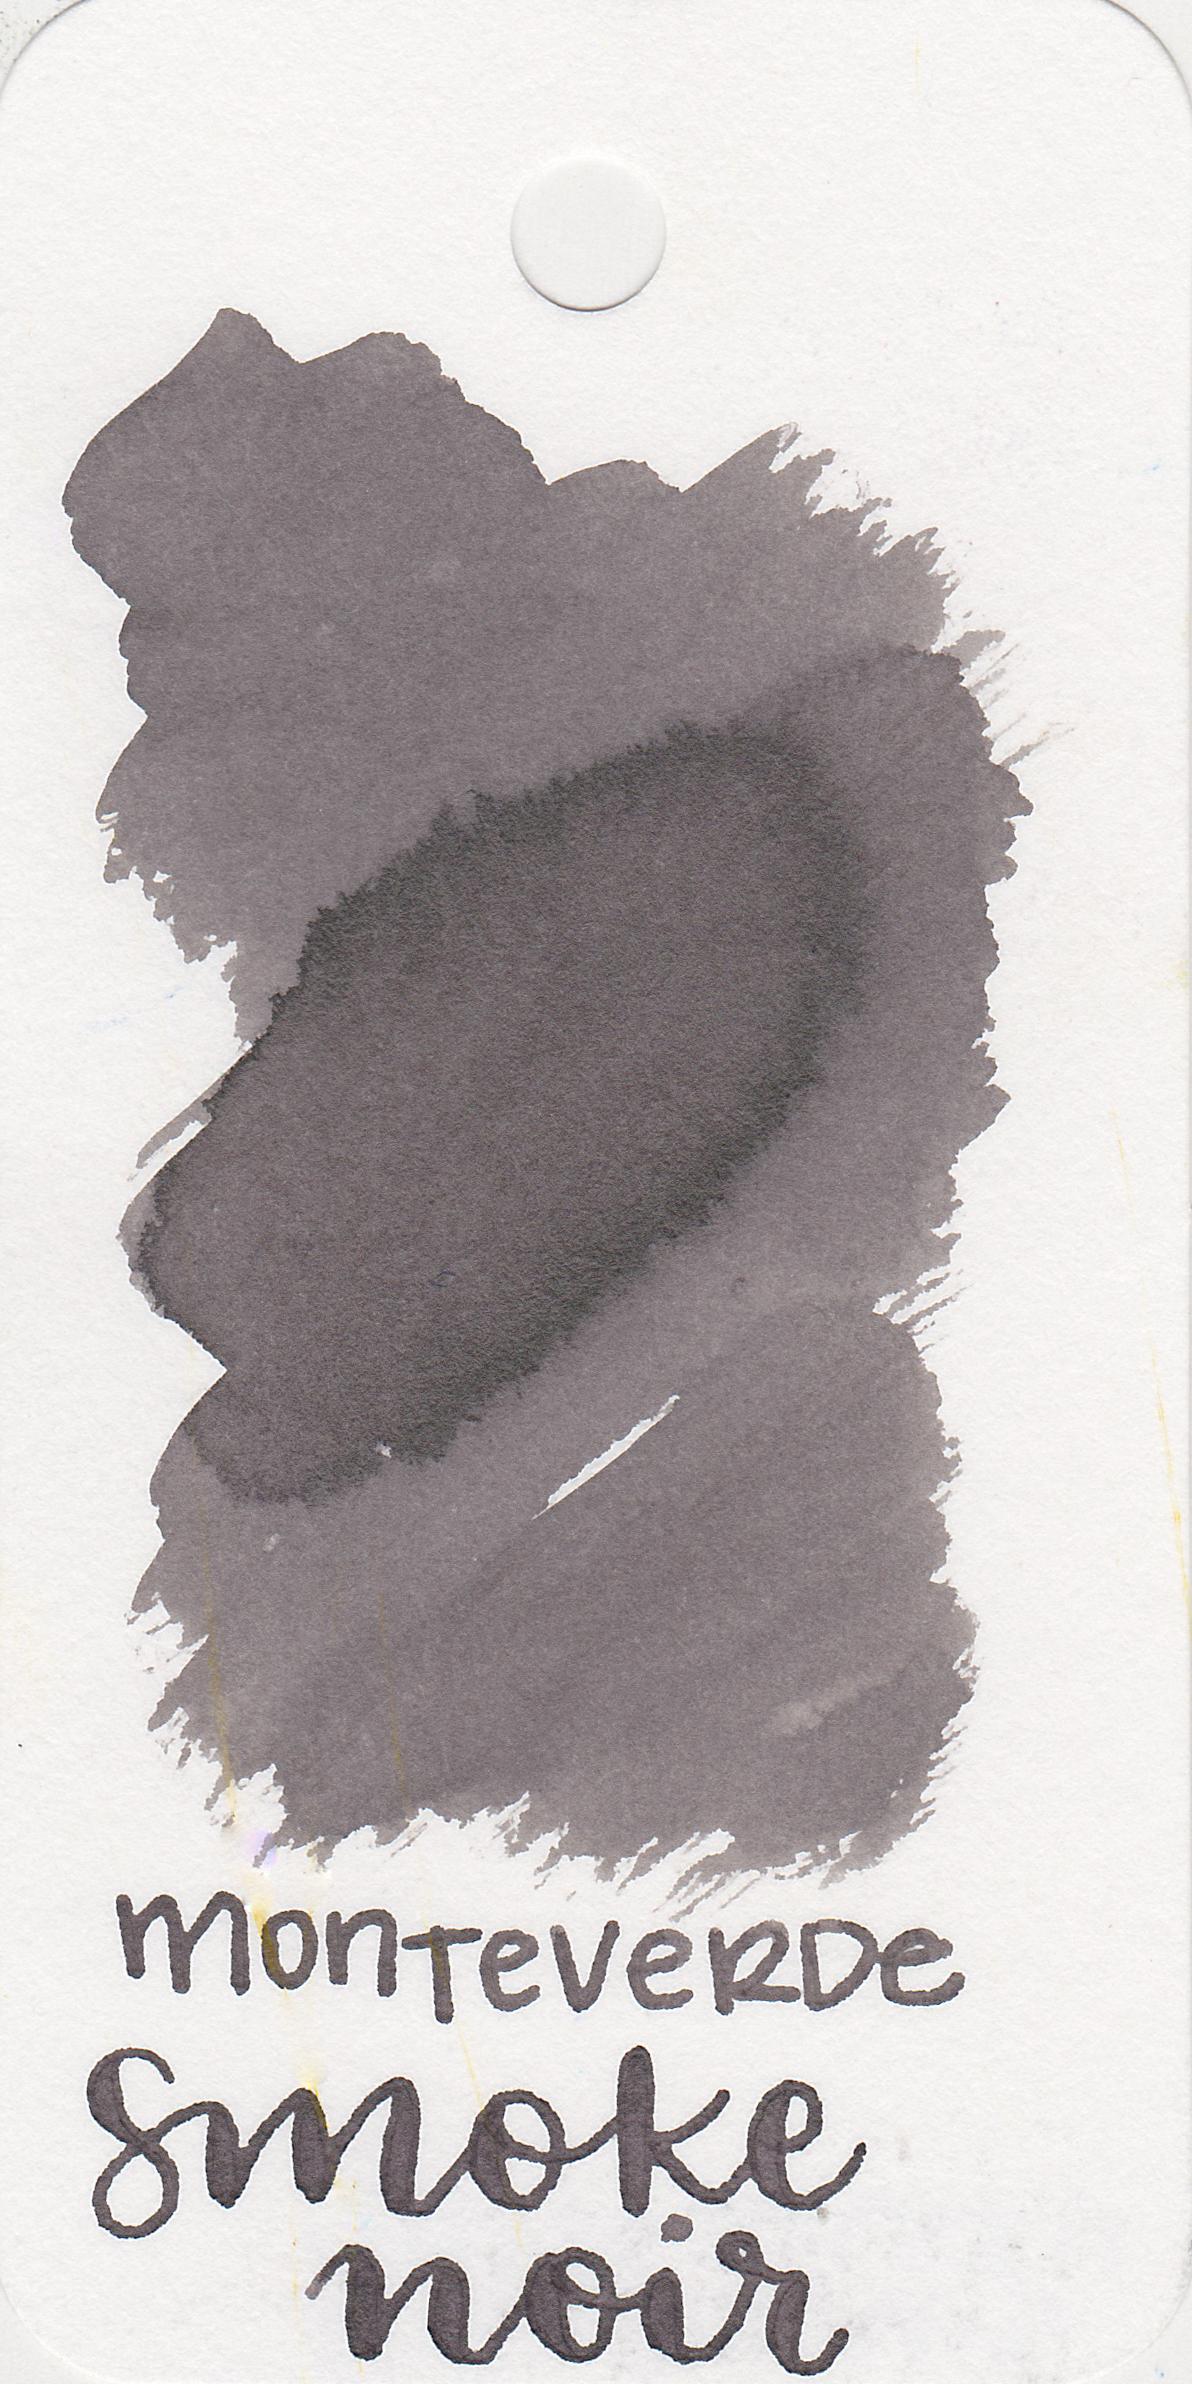 mv-smoke-noir-1.jpg